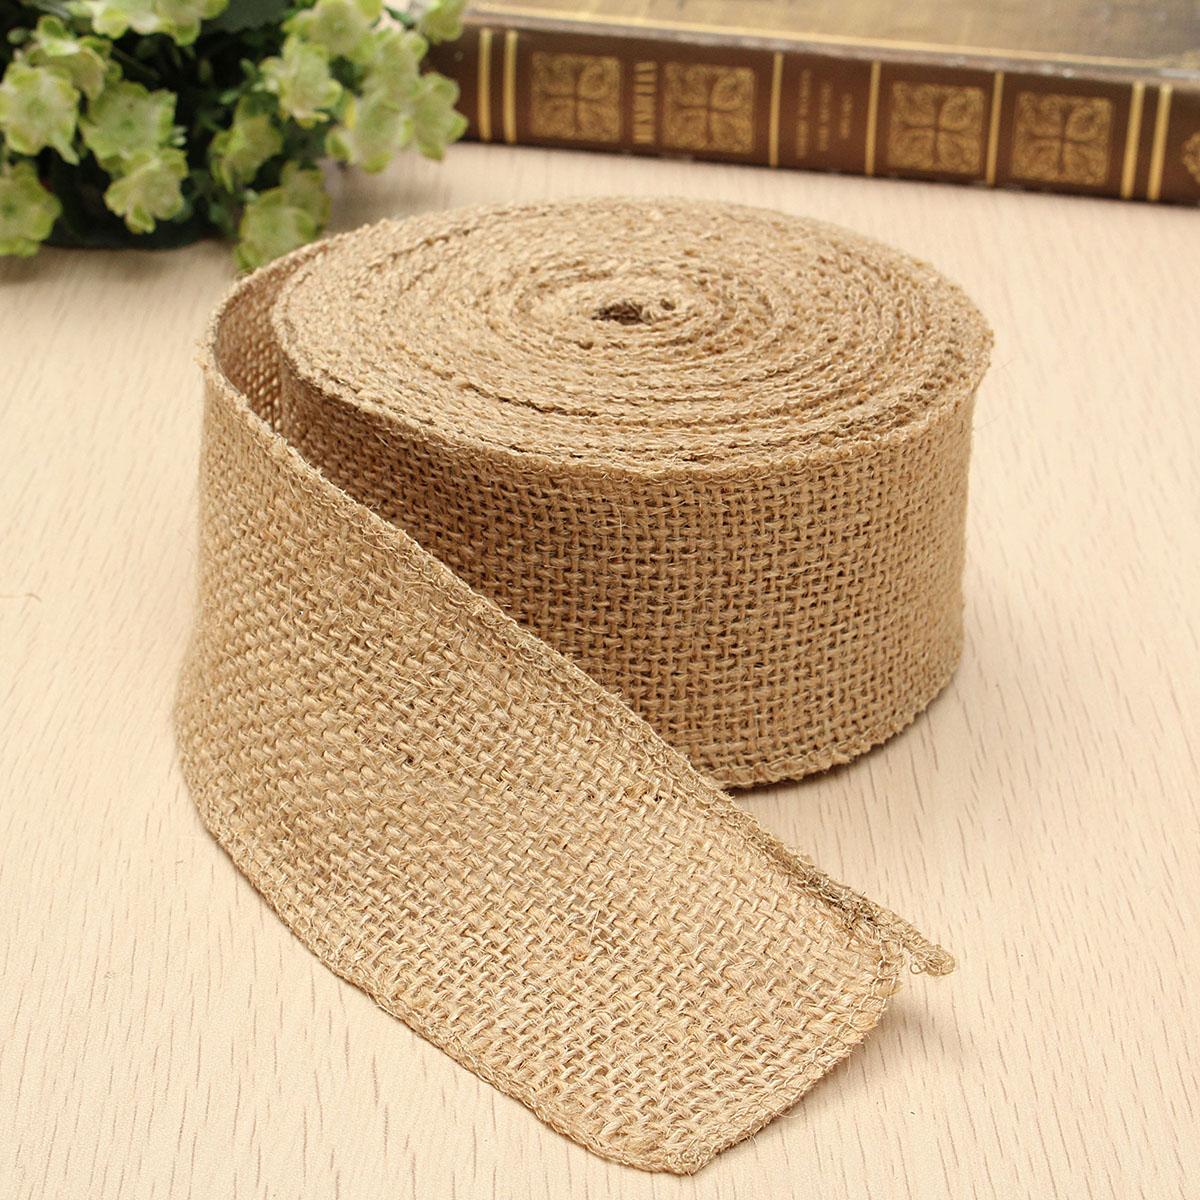 Что такое джут: что это за материал, из чего его делают, где используют джутовое волокно?